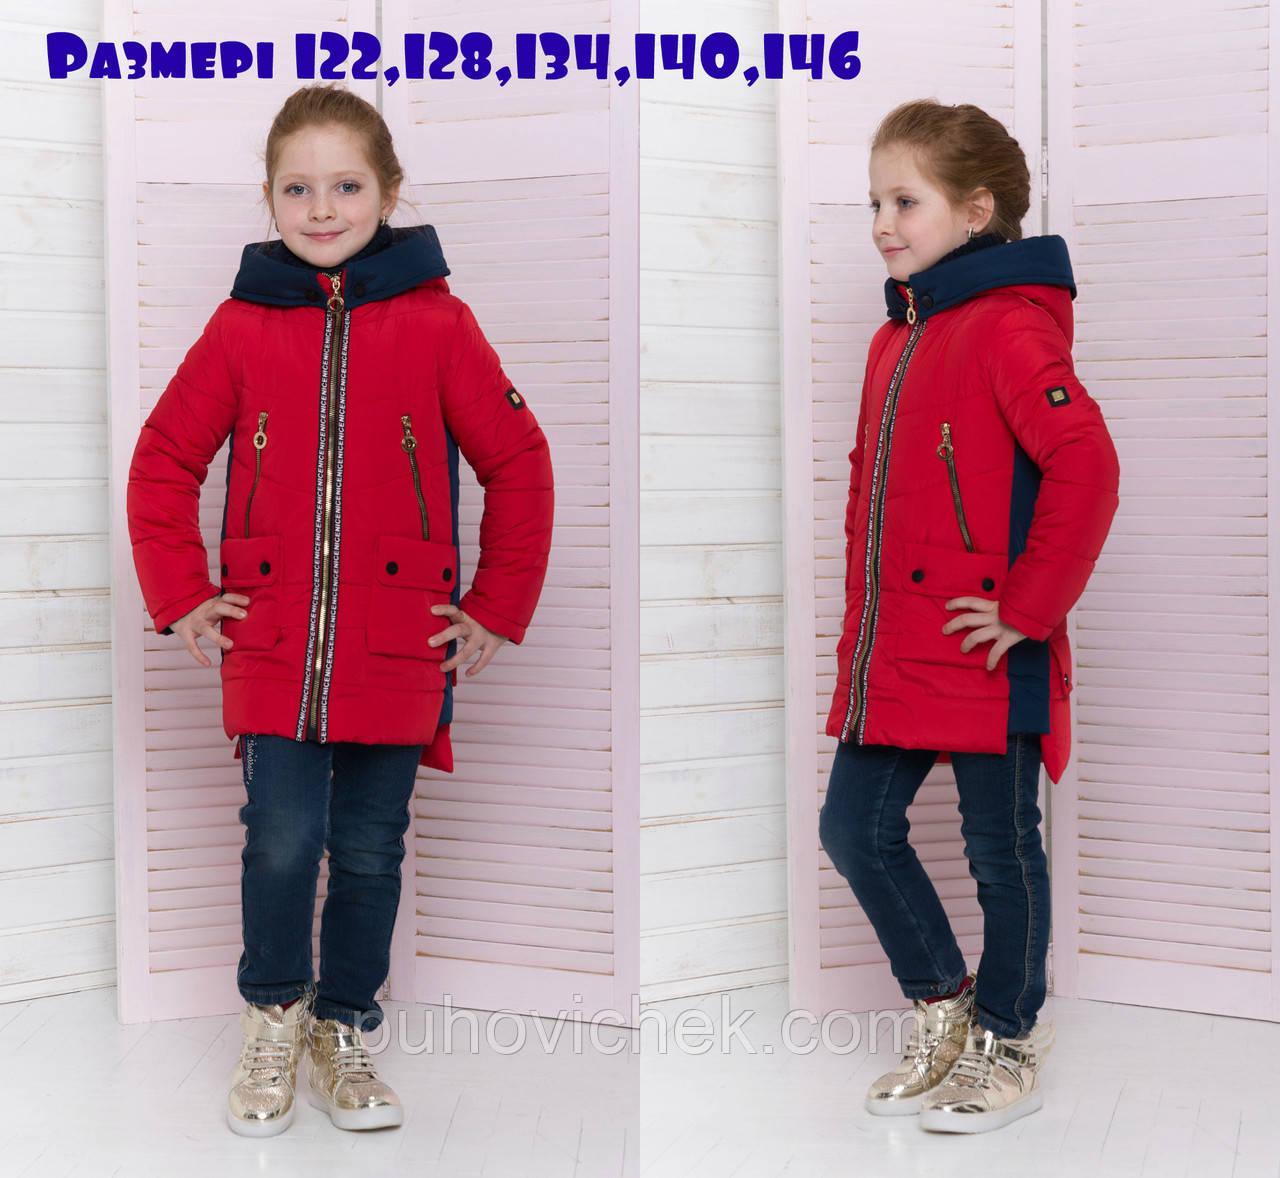 Весенние курточки и плащи детские для девочек